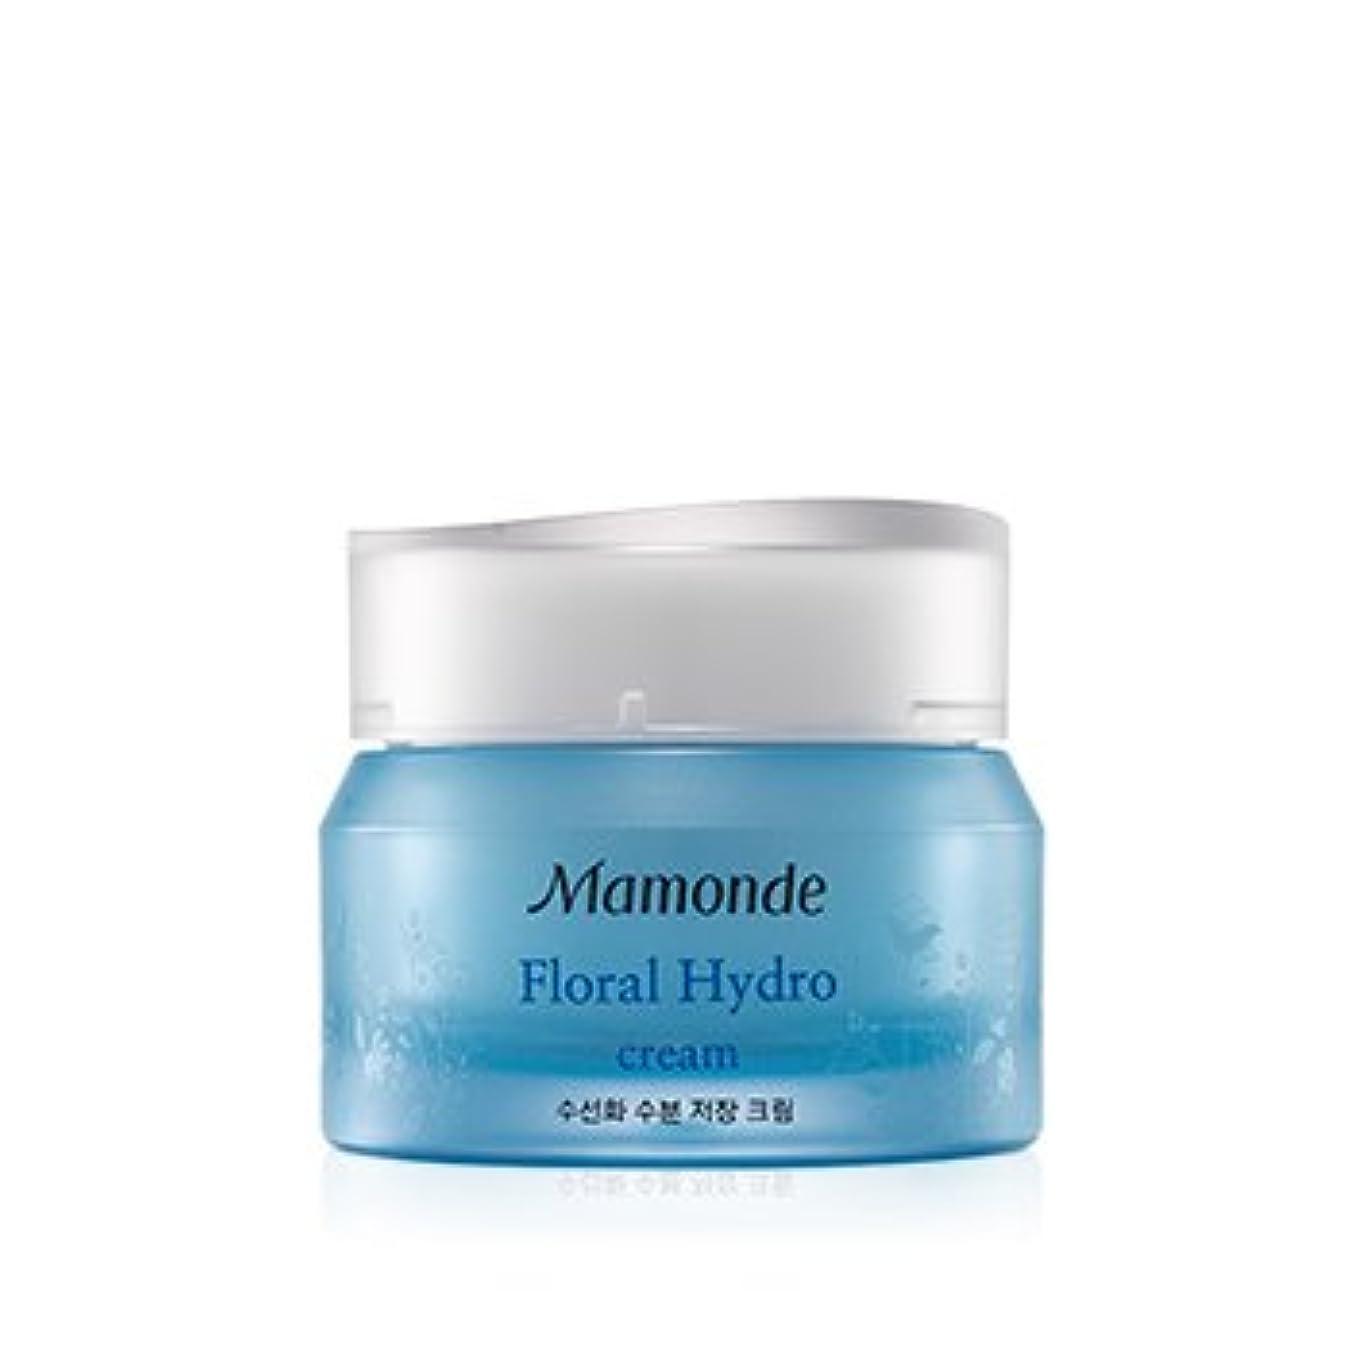 通行料金うめき声裏切り者[2017 New] Mamonde Floral Hydro Cream 50ml/マモンド フローラル ハイドロ クリーム 50ml [並行輸入品]